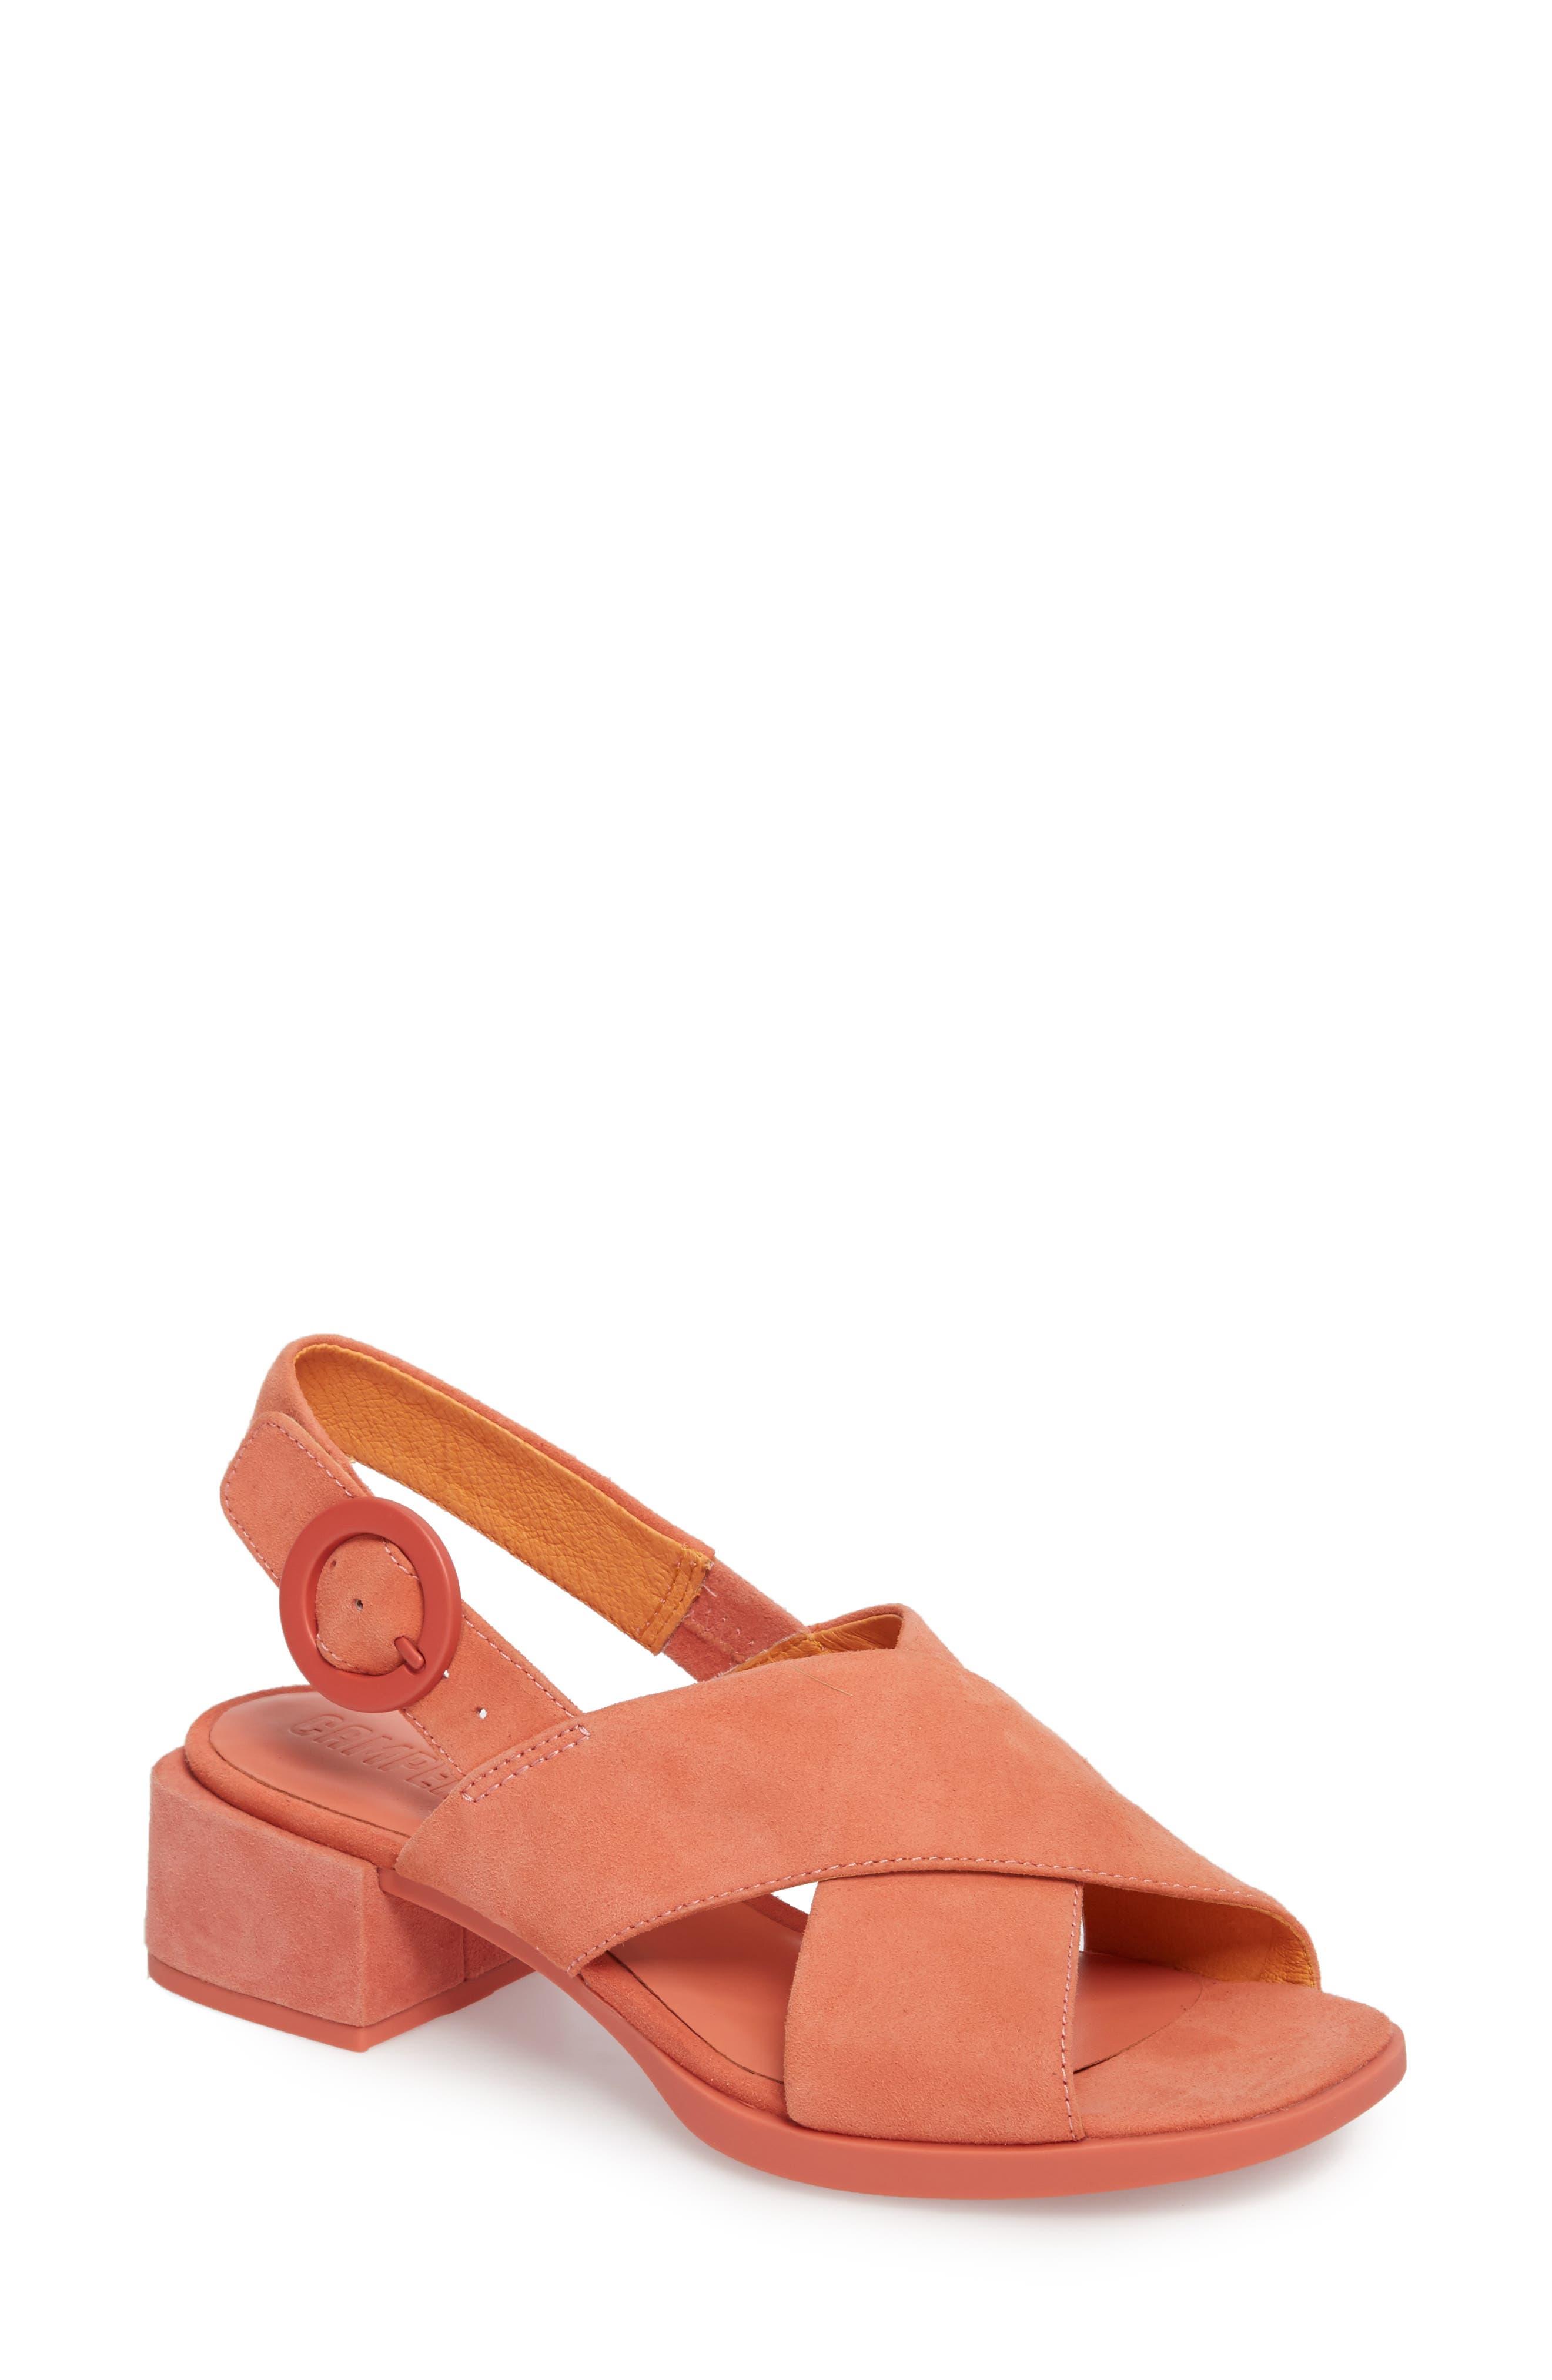 Alternate Image 1 Selected - Camper Kobo Cross Strap Sandal (Women)